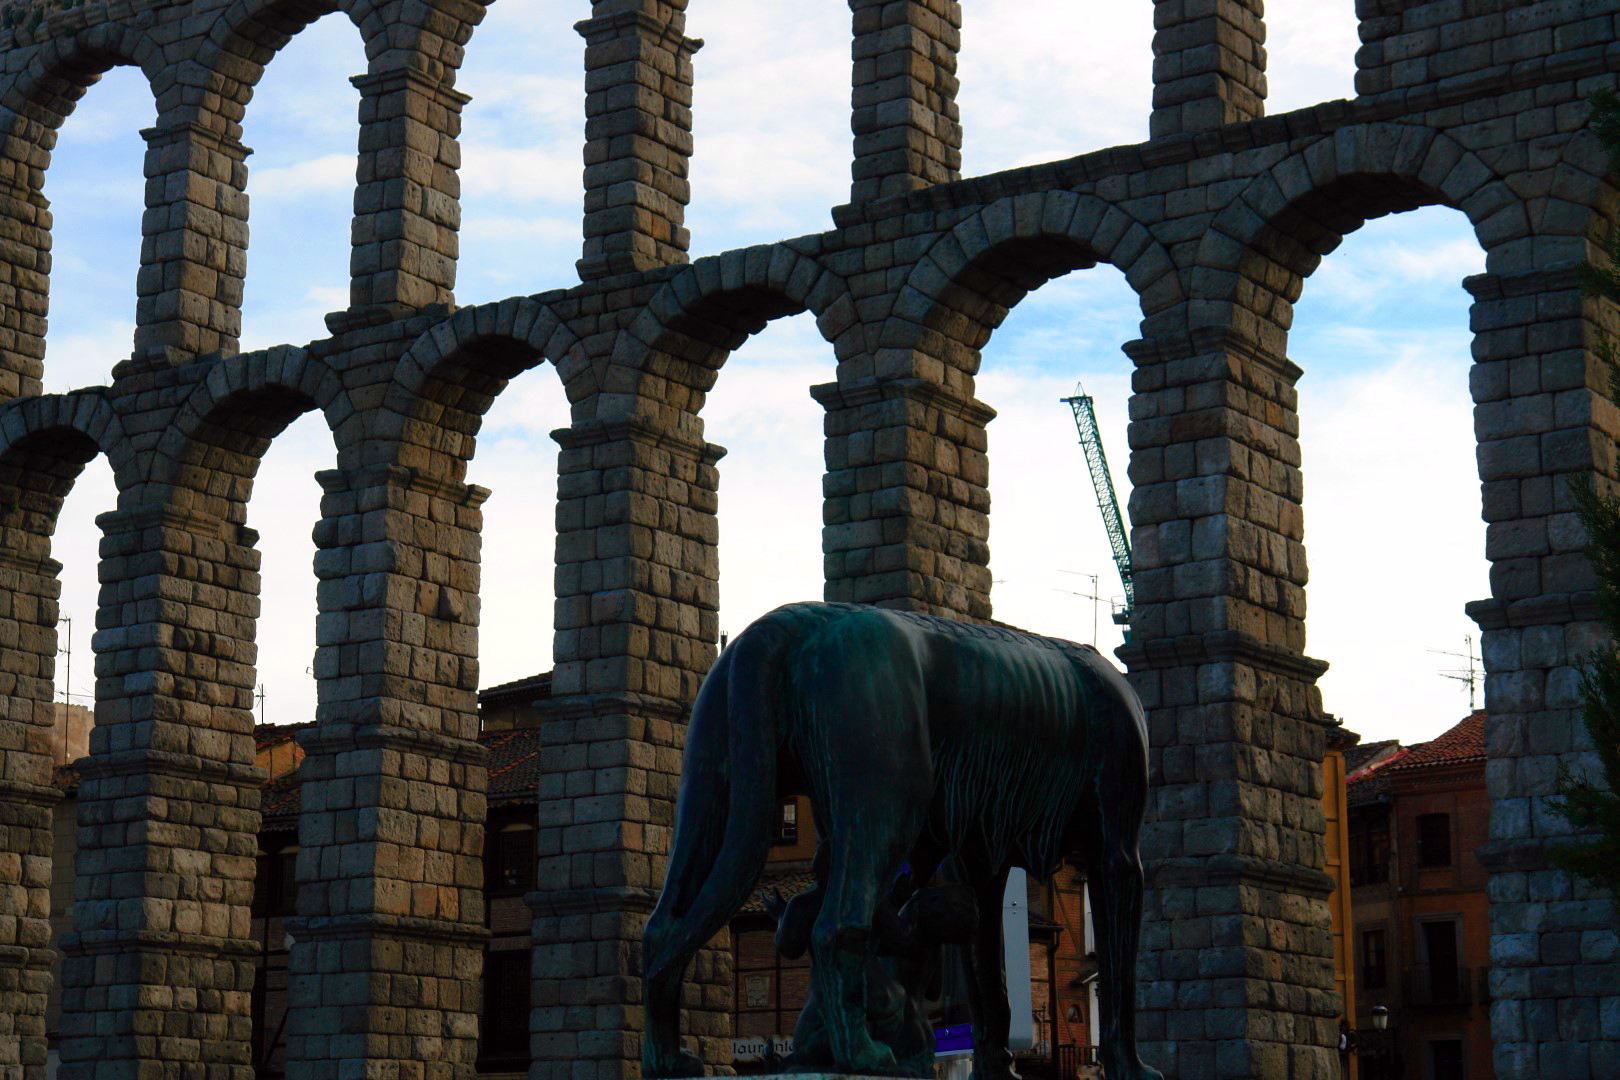 qué ver Segovia, España qué ver en segovia - 30730786120 85099ce6e0 o - Qué ver en Segovia, España